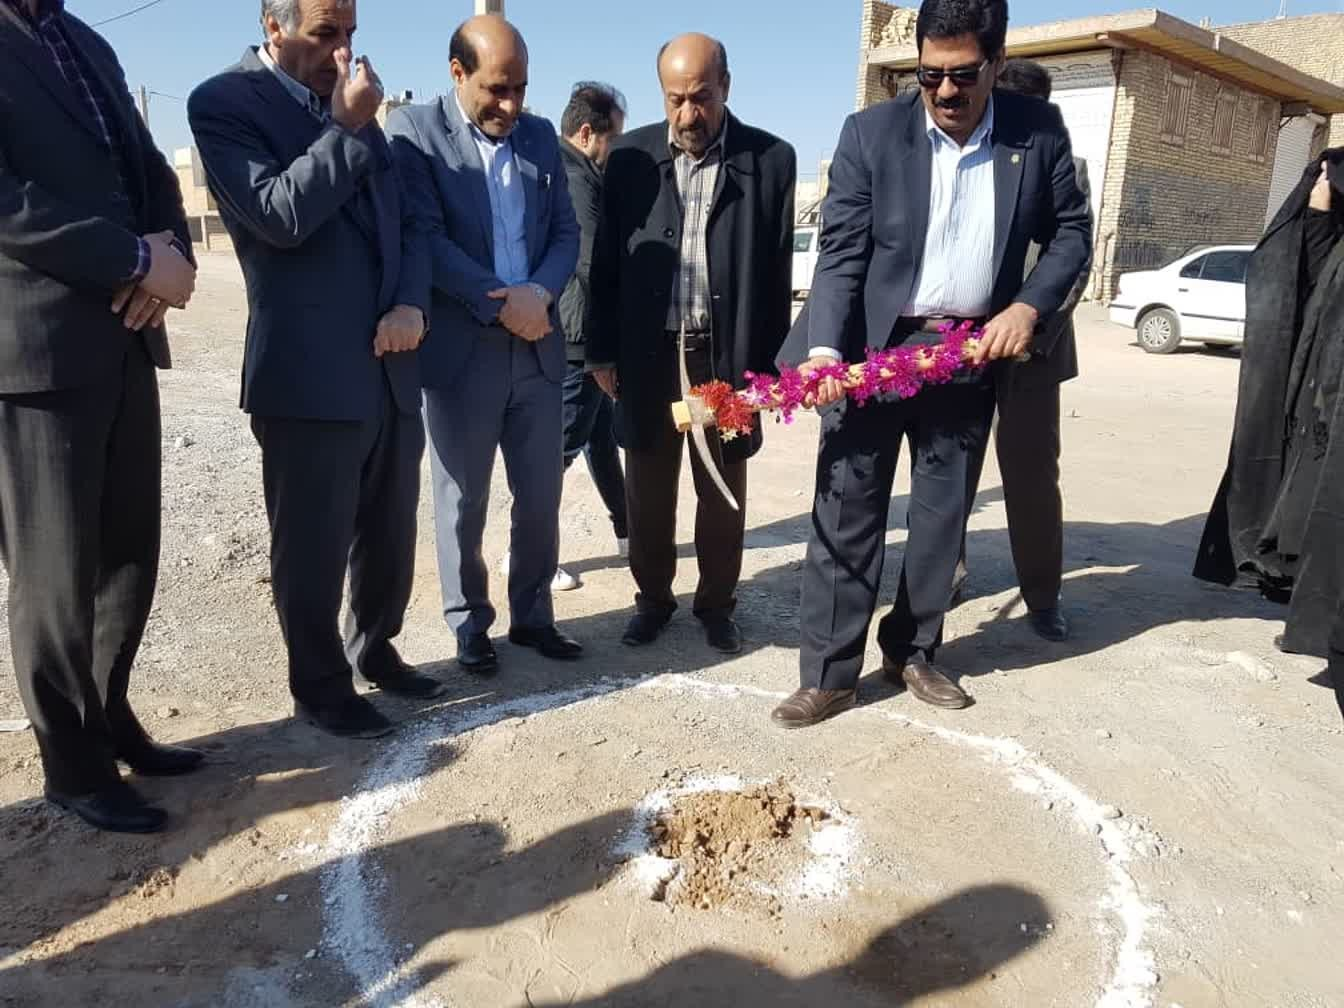 اداره کل نوسازی مدارس استان یزد - آغاز عملیات اجرائی ساخت آموزشگاه 12 کلاسه مرحوم حاجی زاده